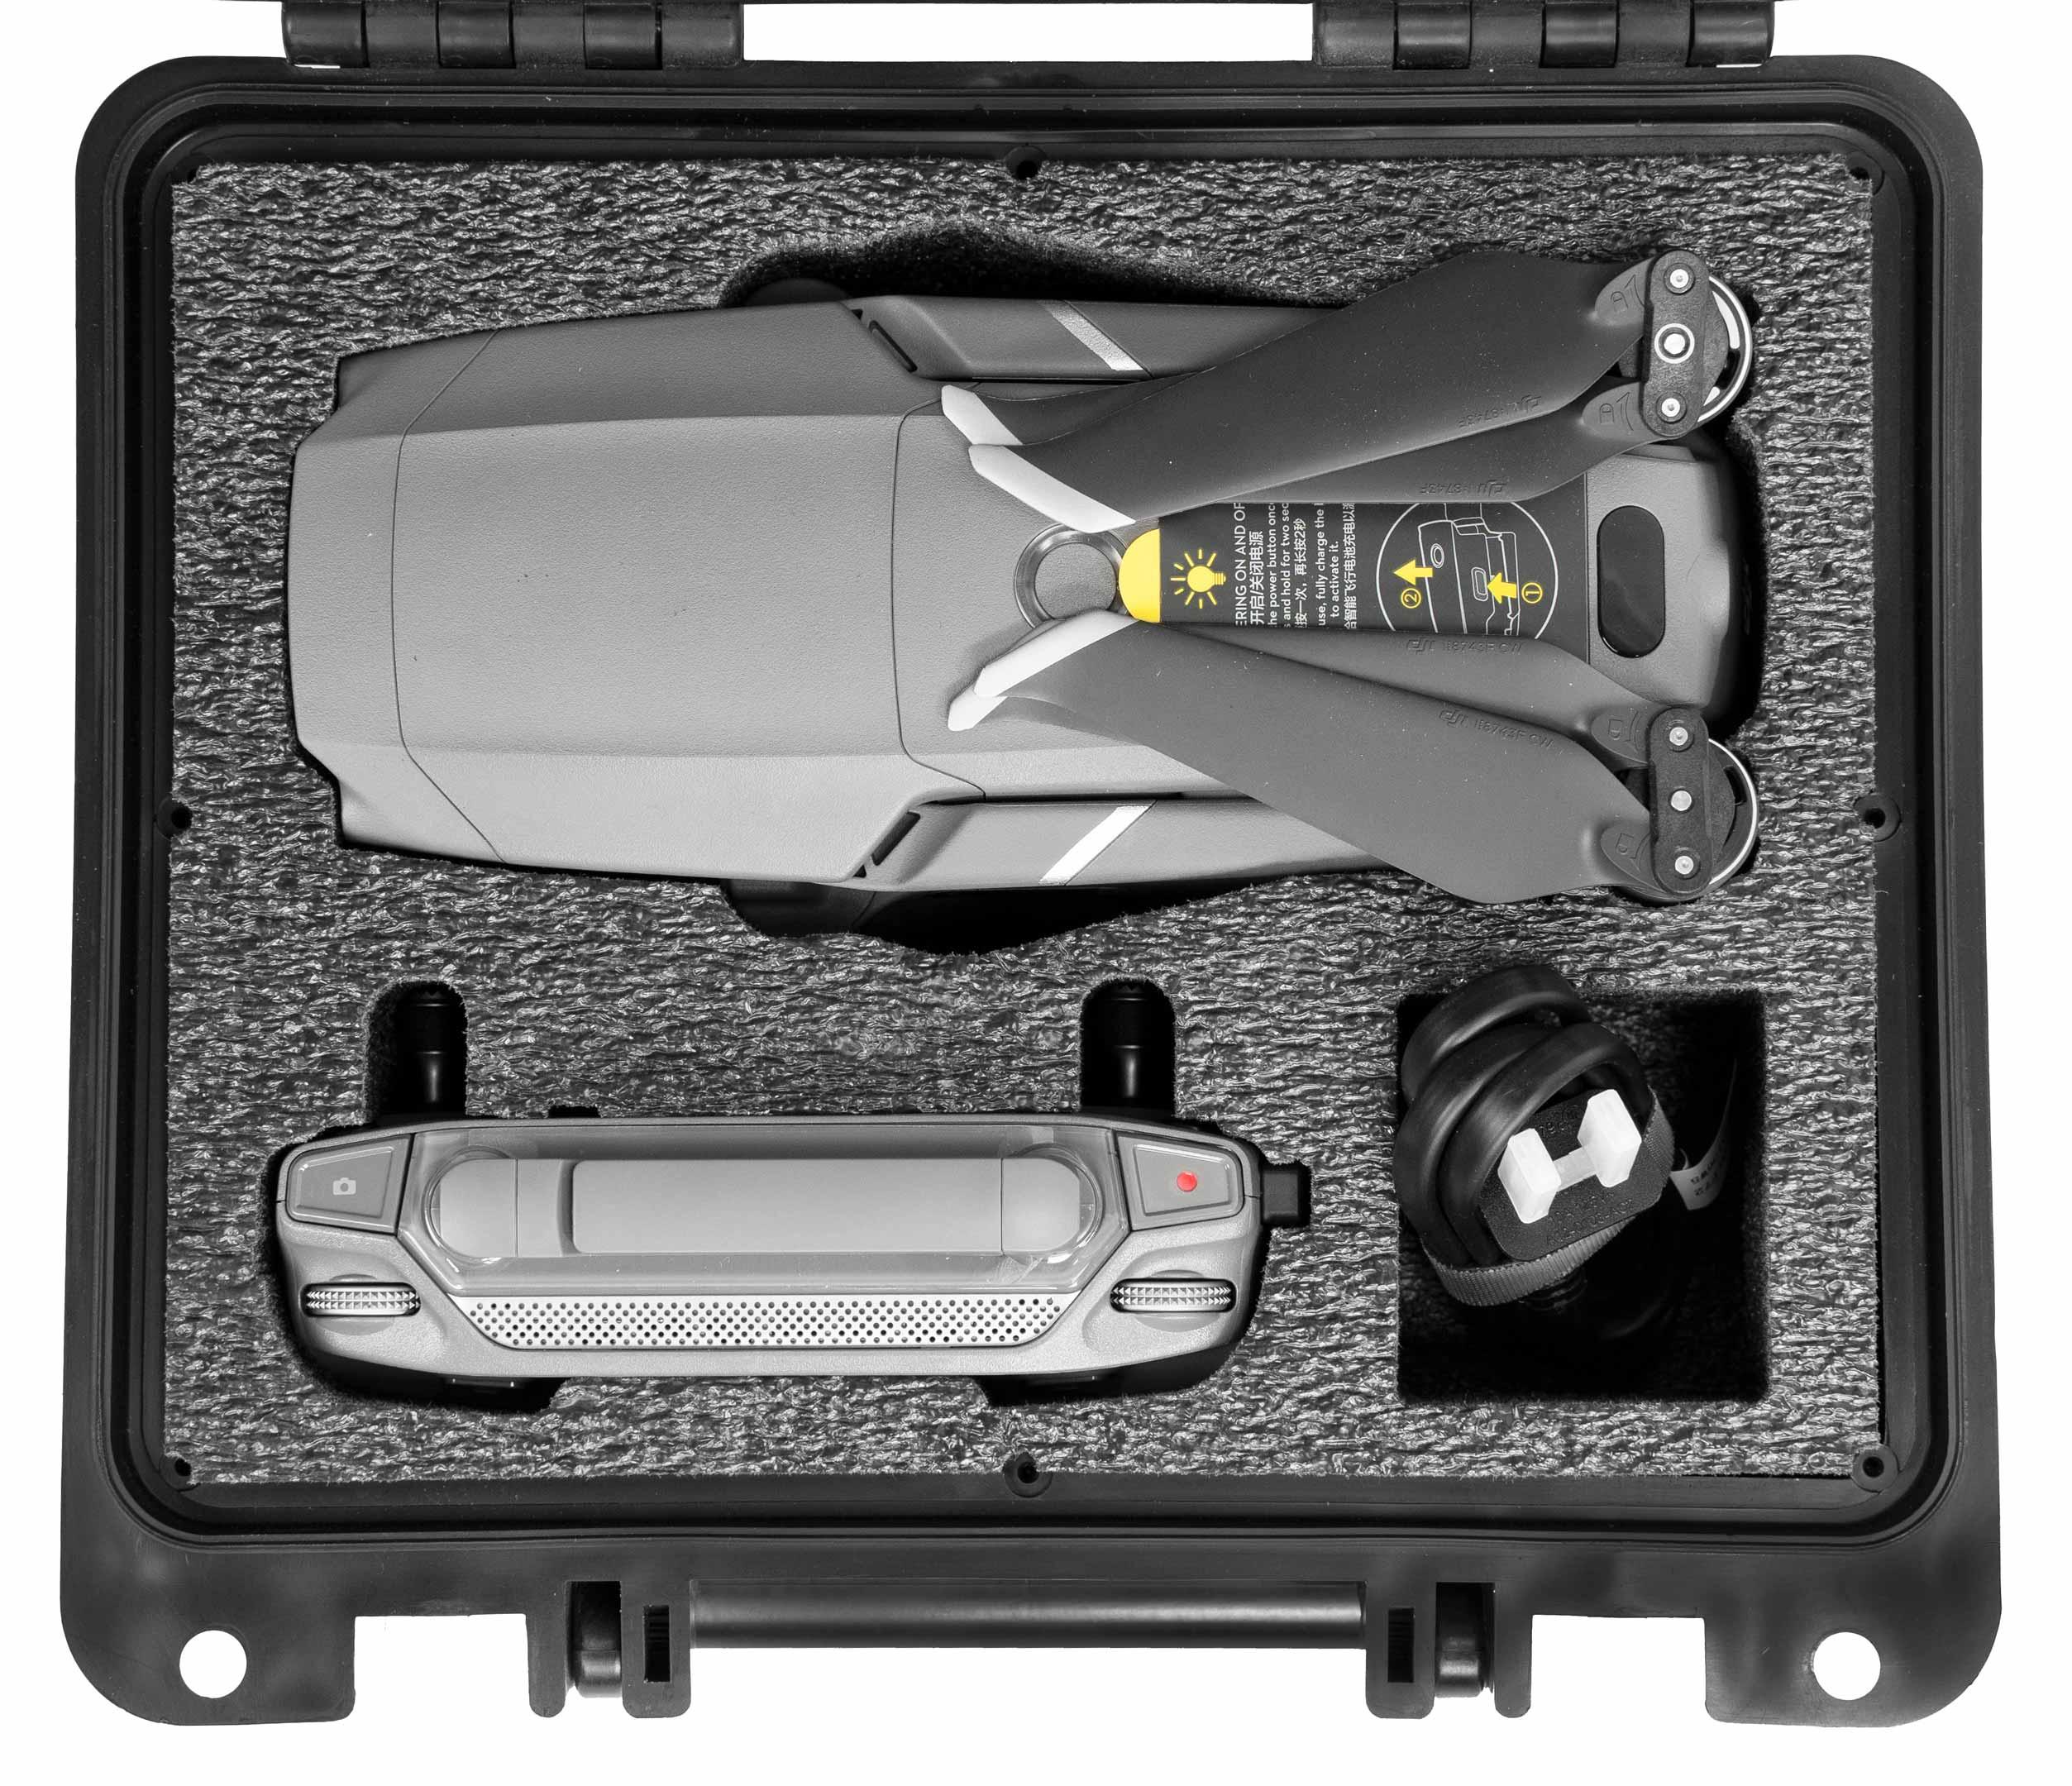 DJI Mavic 2 Pro Compact Drone Case - Case Club Cases